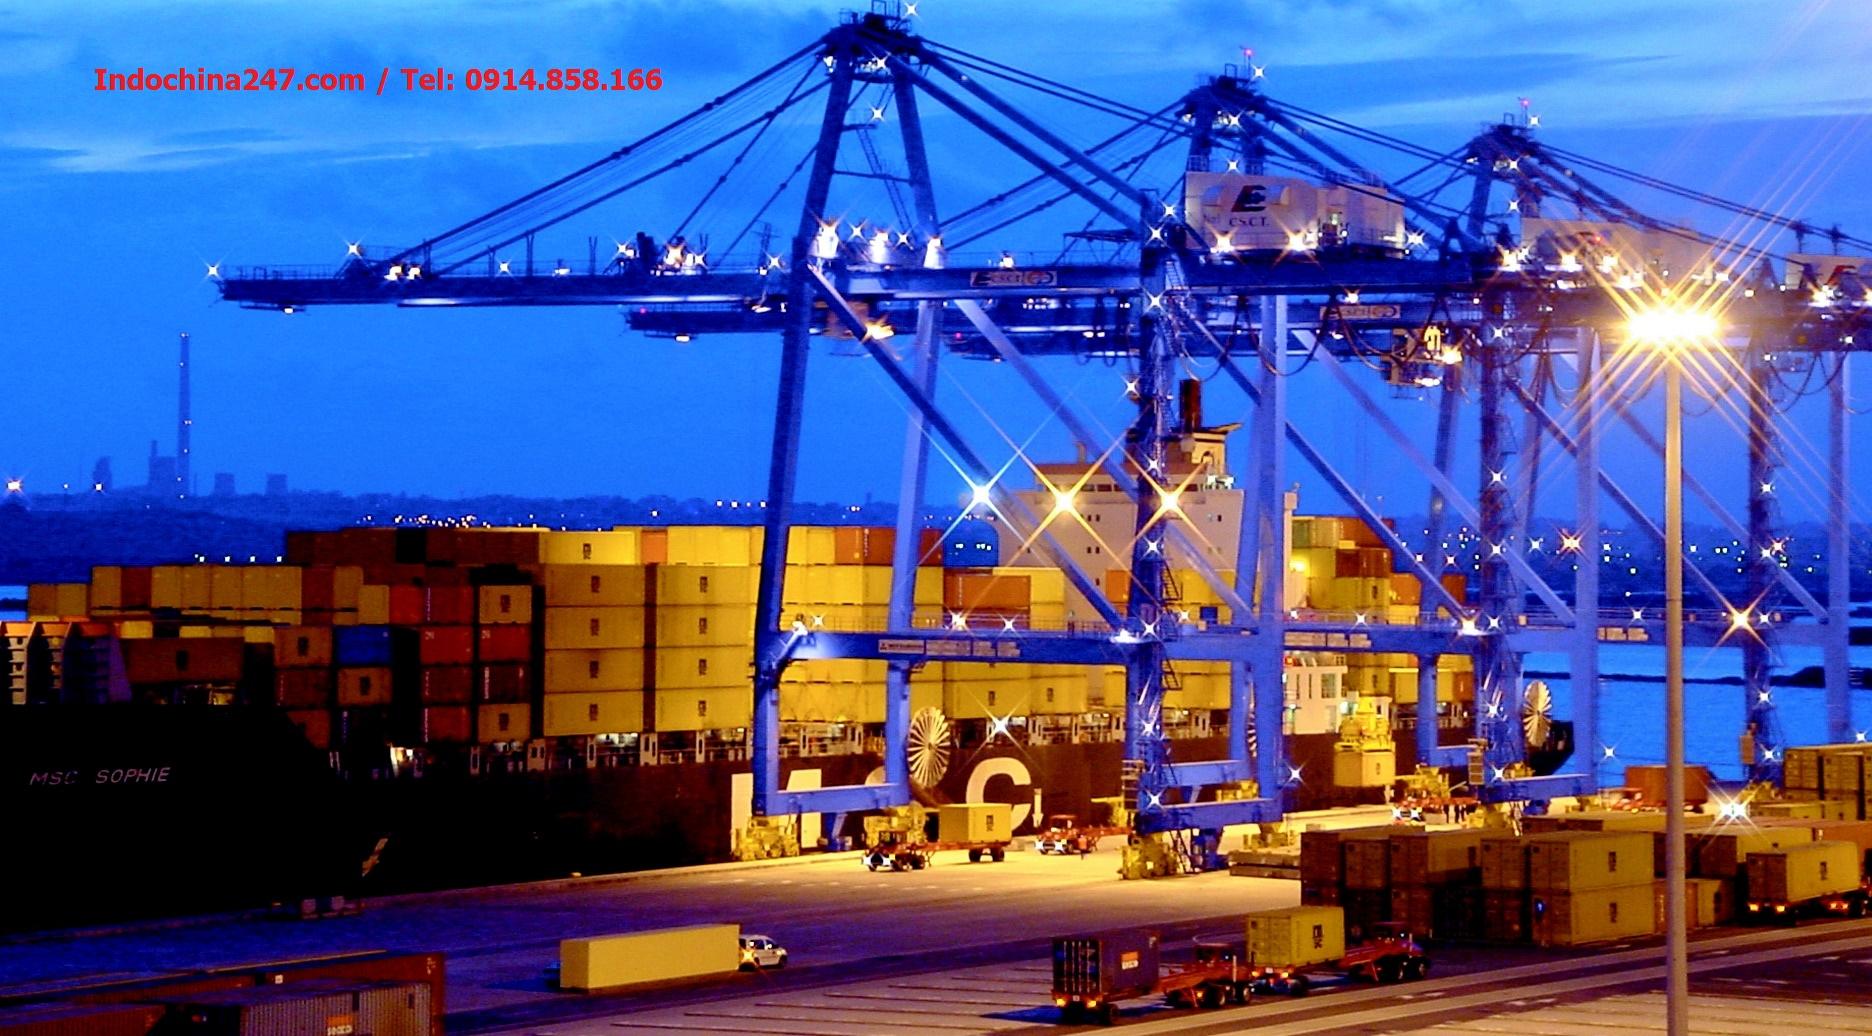 Dịch vụ vận chuyển đường biển ship gửi Giày dép các loại Hải Phòng Tokyo, Nhật Bản